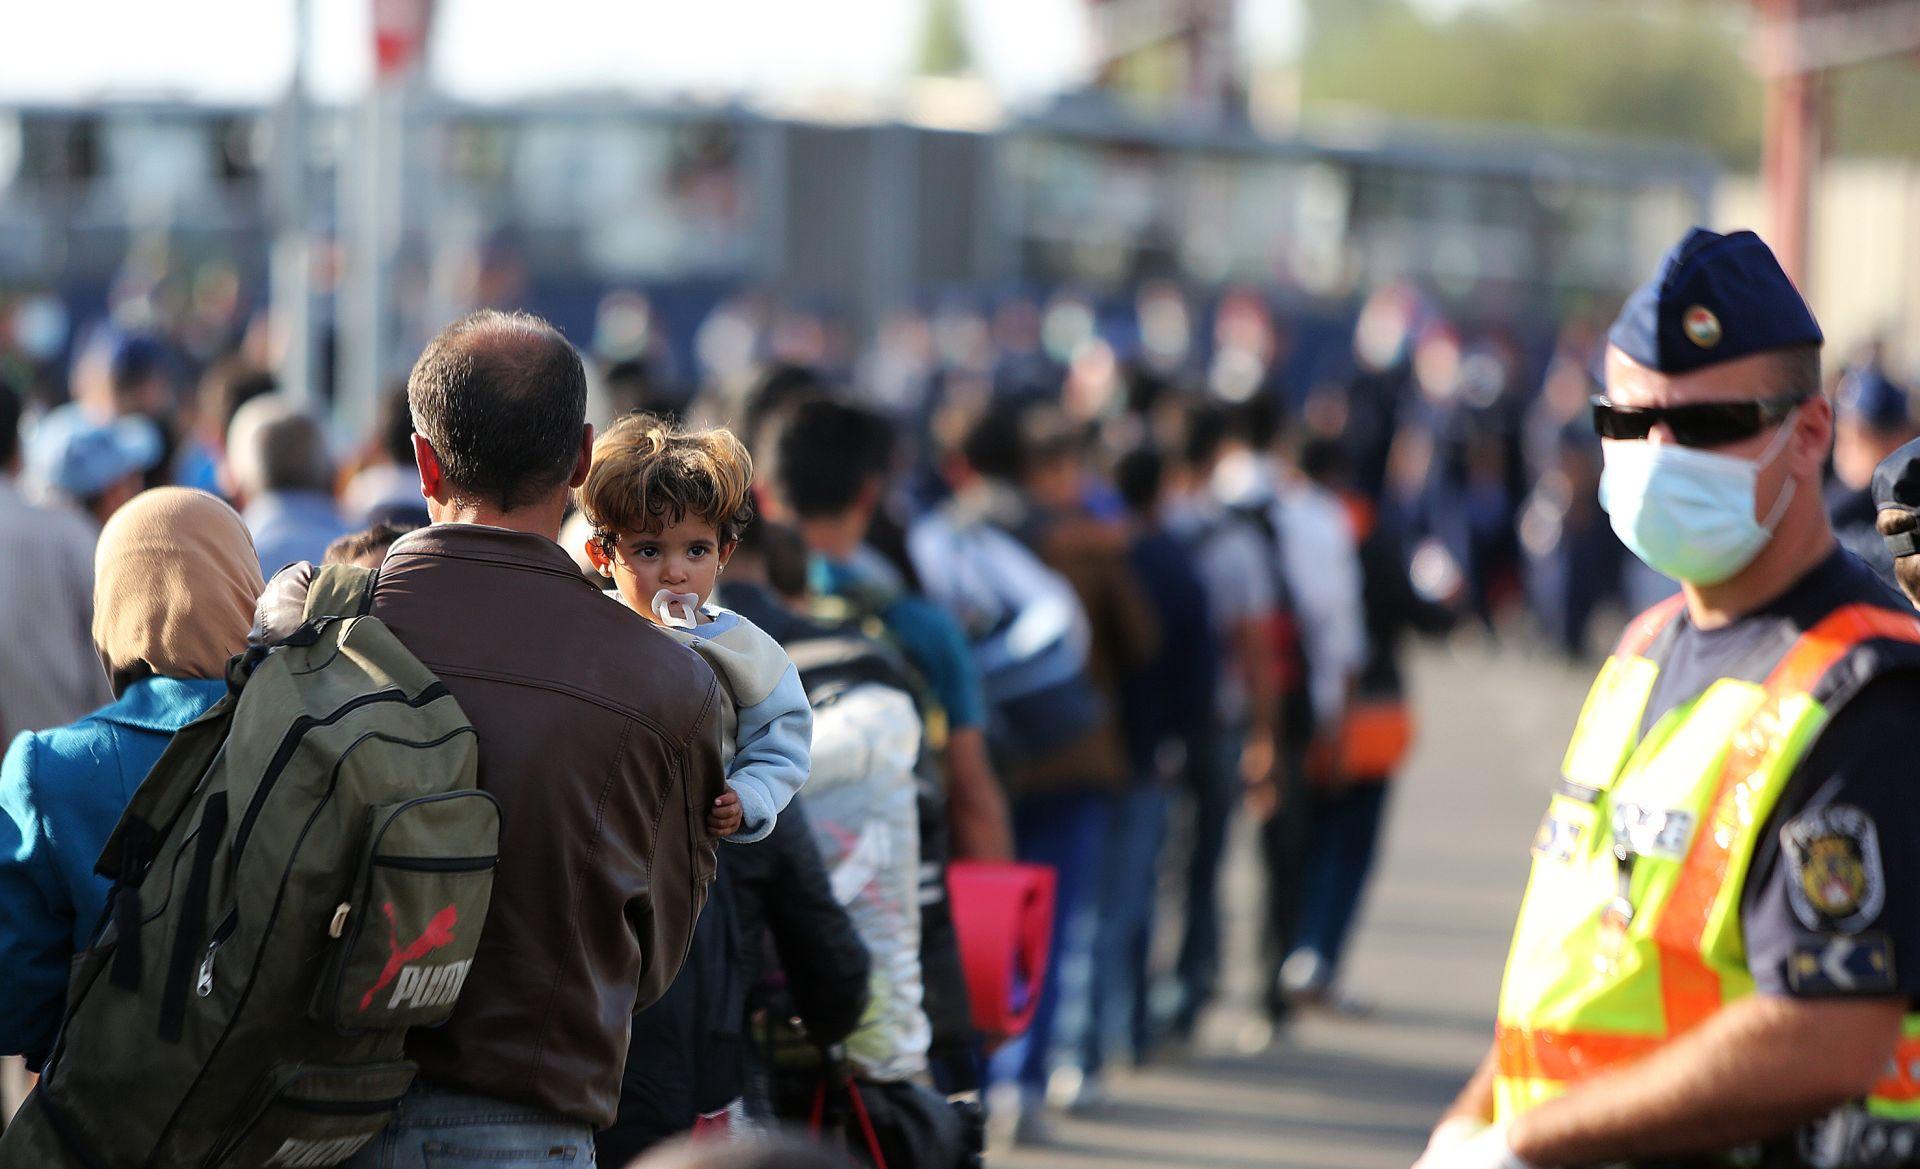 ODBLOKIRANE GRANICE Srbija ukinula protumjere, samo danas u Botevo stiglo 5 tisuća izbjeglica